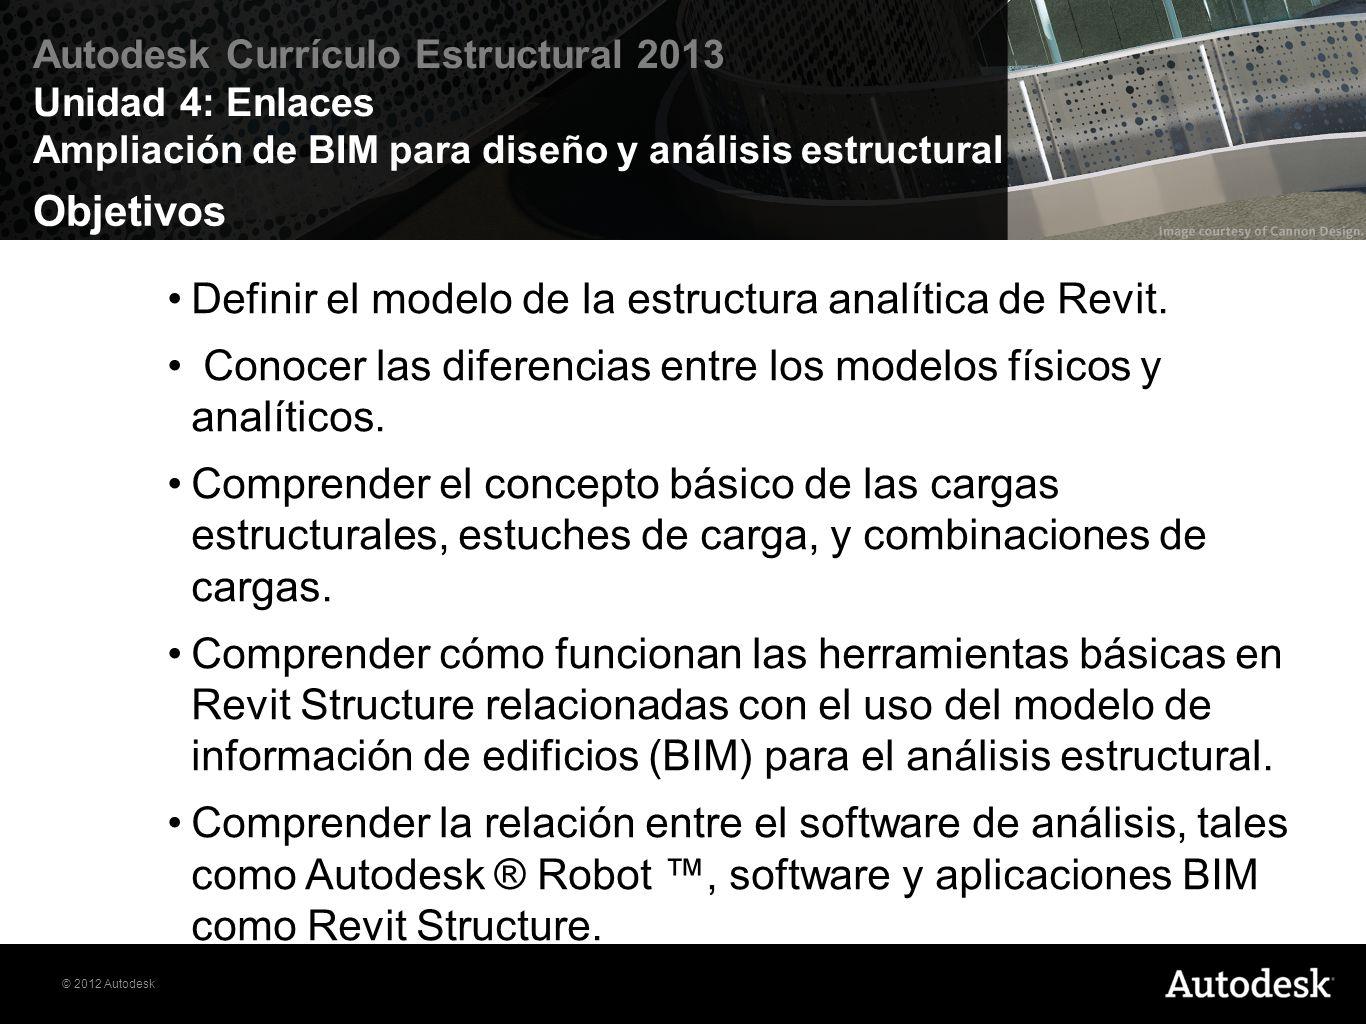 © 2012 Autodesk Autodesk Currículo Estructural 2013 Unidad 4: Enlaces Ampliación de BIM para diseño y análisis estructural Ejercicio 4.5: Enlace de Revit a Robot